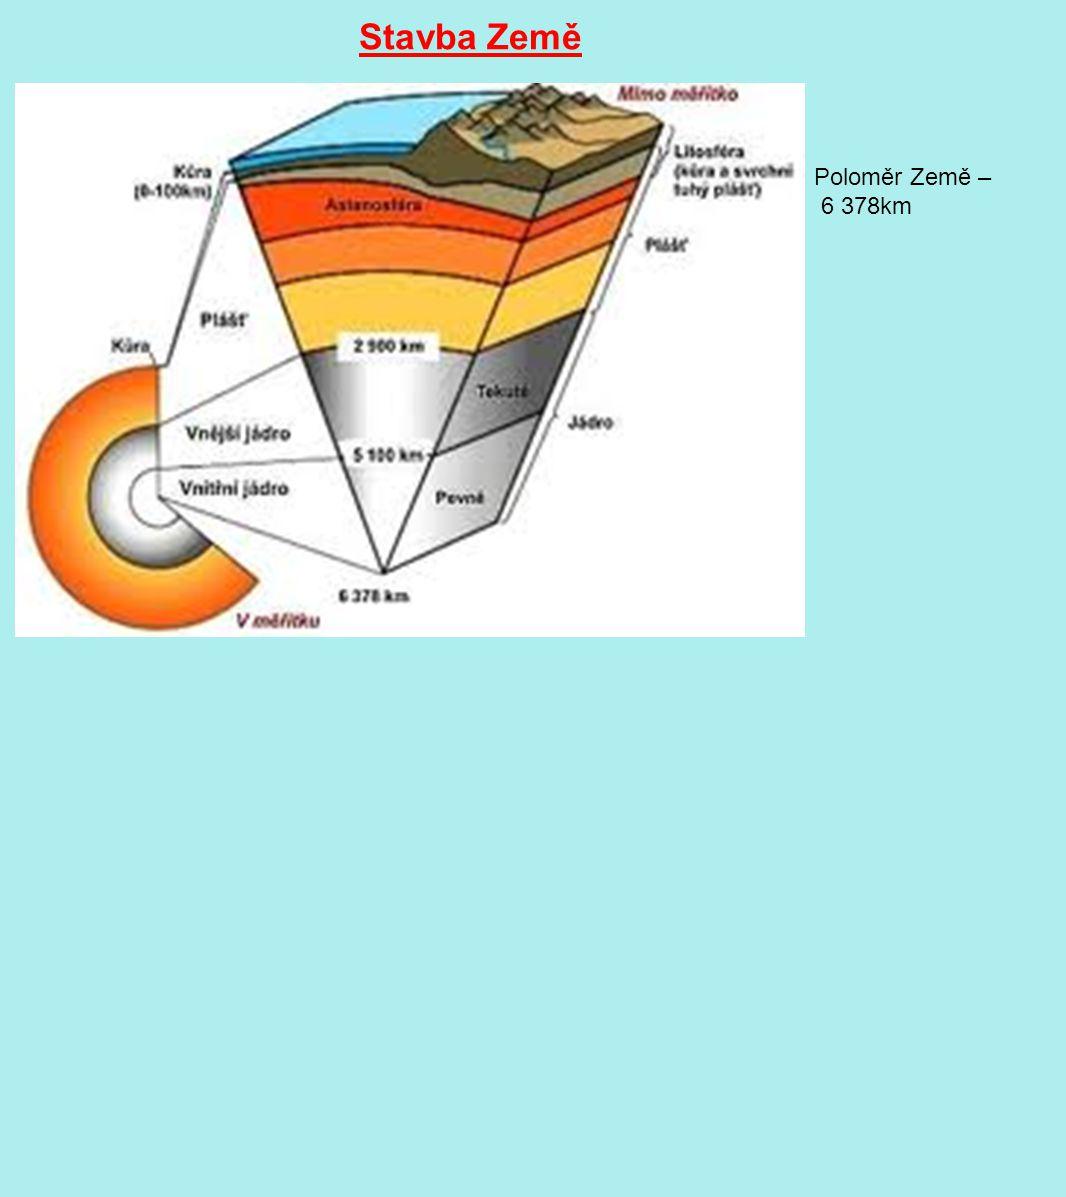 Atmosféra - plynný obal Země (prvotní atmosféra neměla kyslík) Hydrosféra - vodní obal Země (řeky, jezera, moře)